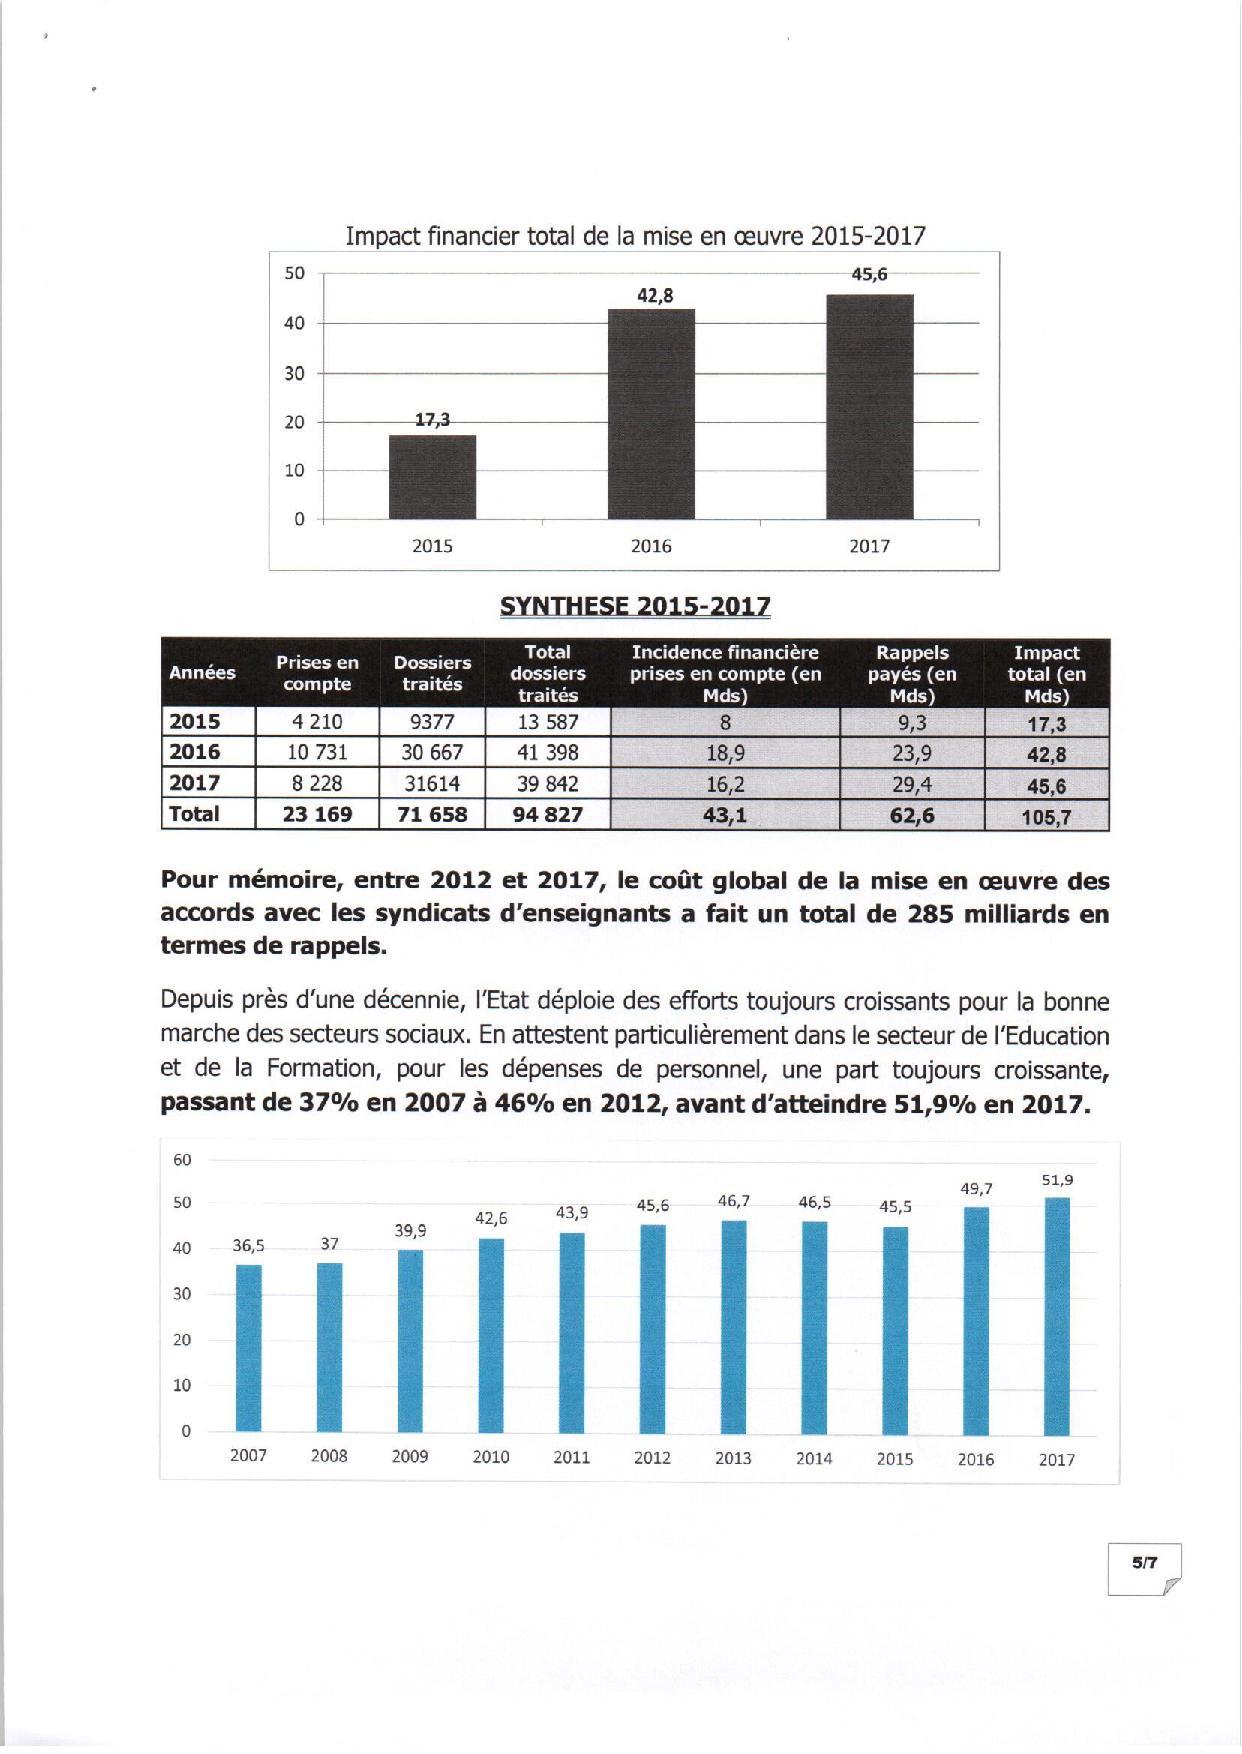 EXCLUSIF Mise en oeuvre des accords avec les enseignants : la vérité par les chiffres de 2015 à 2018